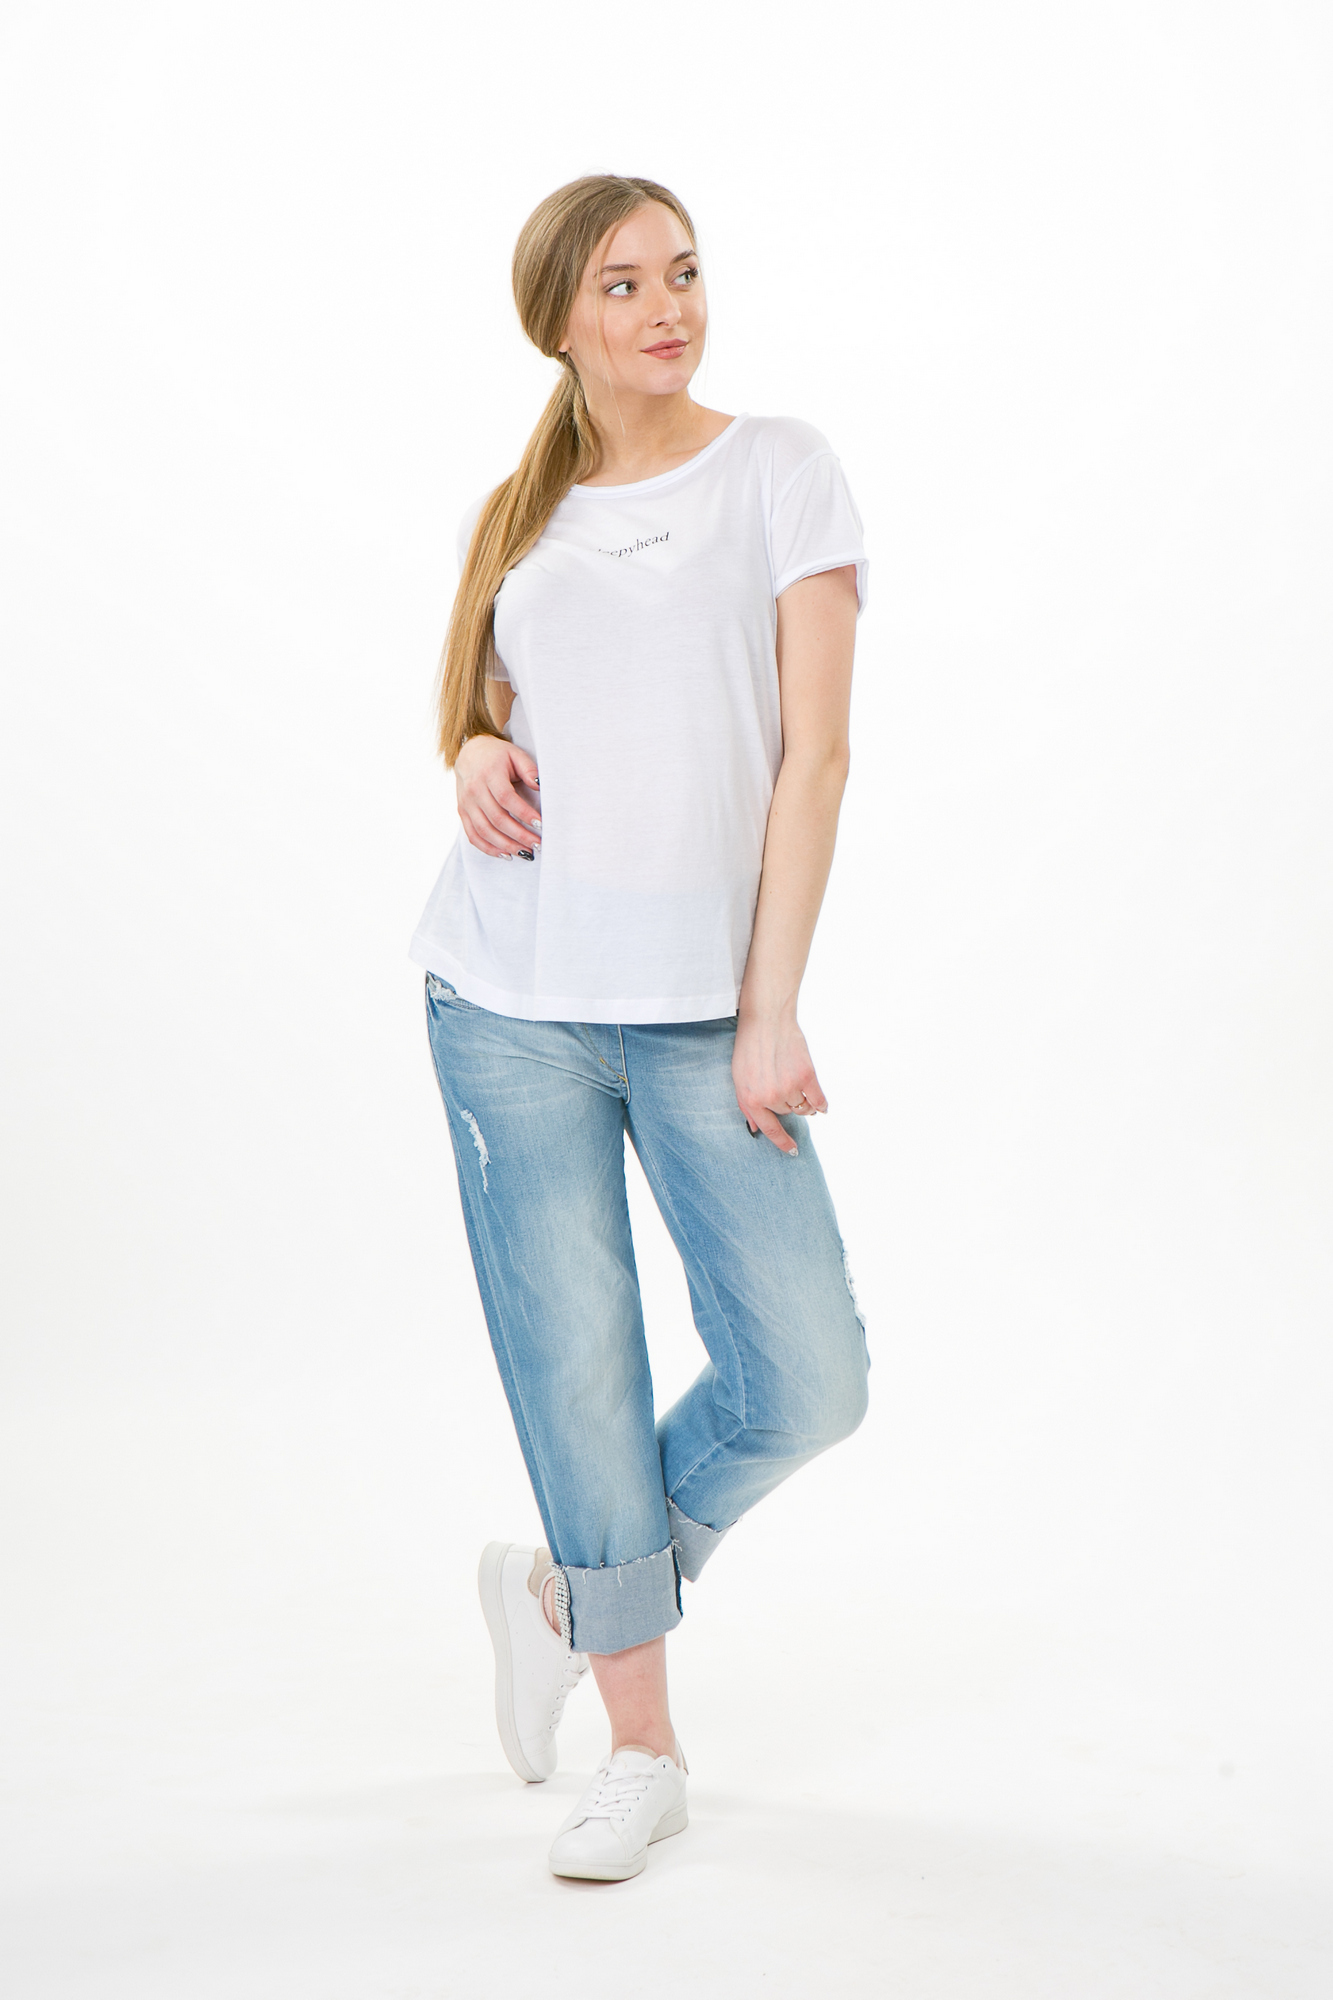 Фото джинсы для беременных MAMA`S FANTASY, прямые, широкий бандаж от магазина СкороМама, синий, размеры.